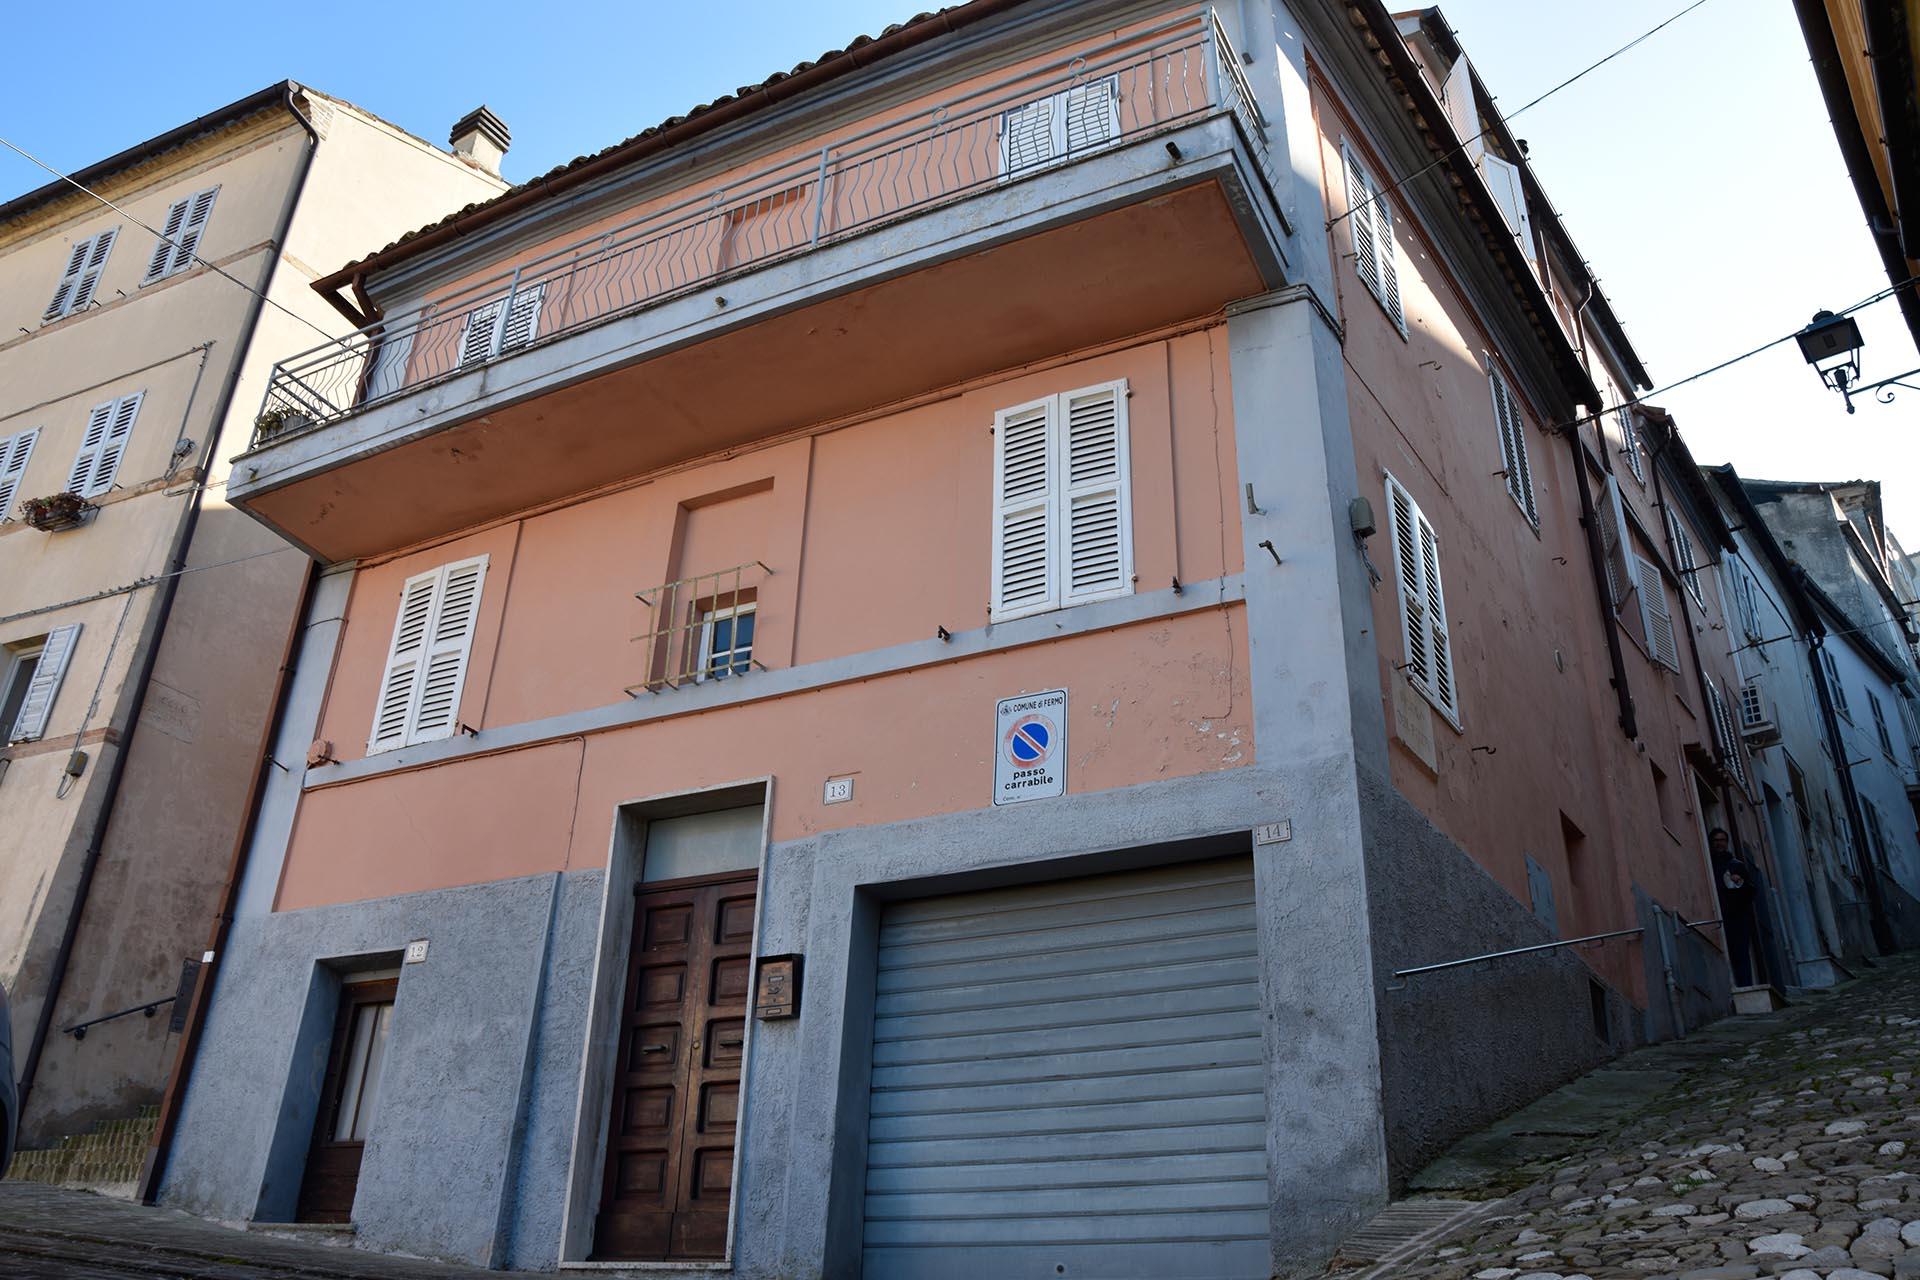 L'agenzia Immobiliare Puzielli propone appartamento con garage in vendita nel centro storico